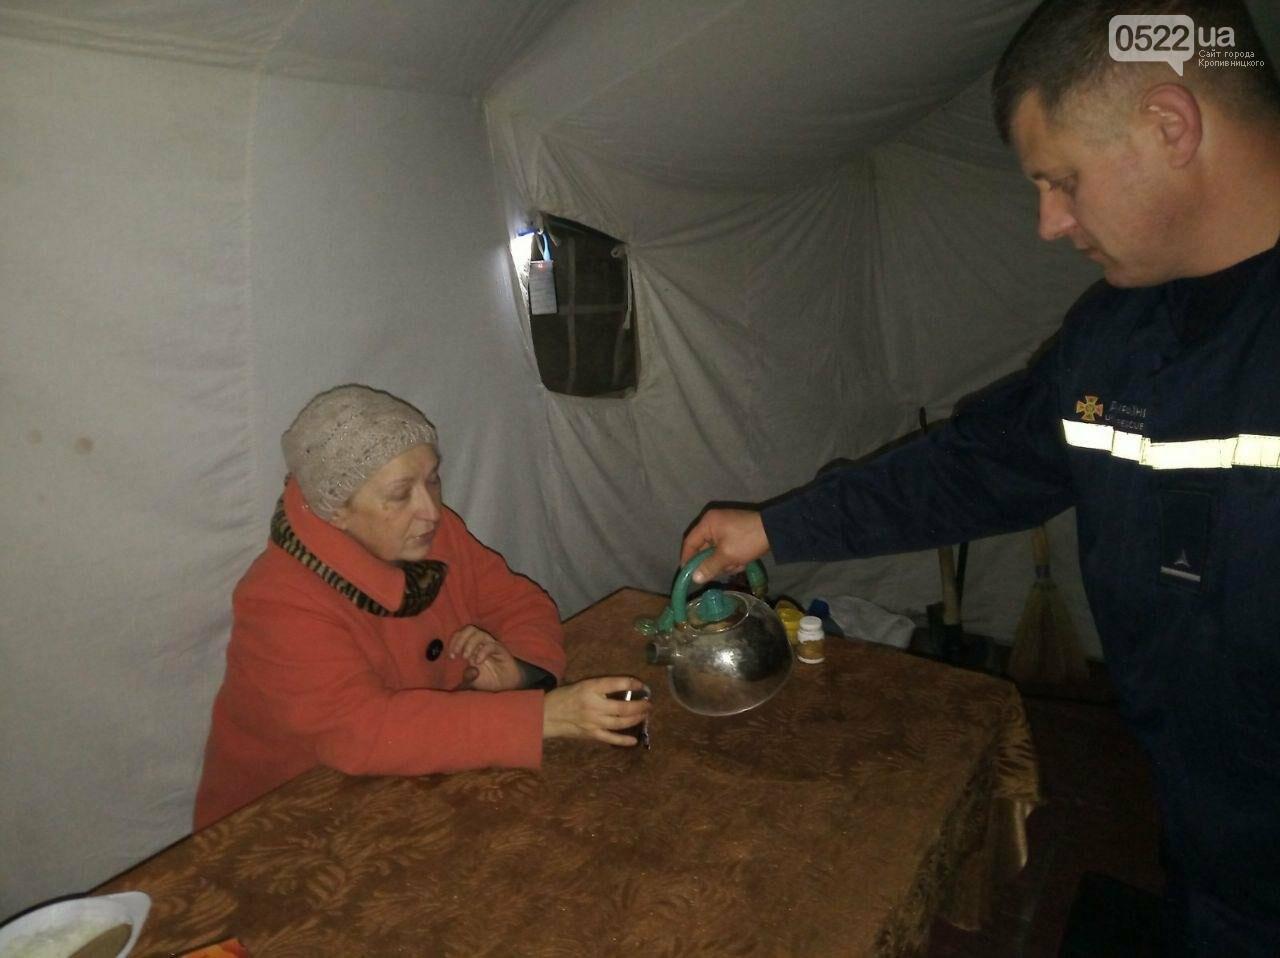 Рятувальники продовжують надавати допомогу населенню та комунальникам Світловодська по ліквідації НС, фото-2